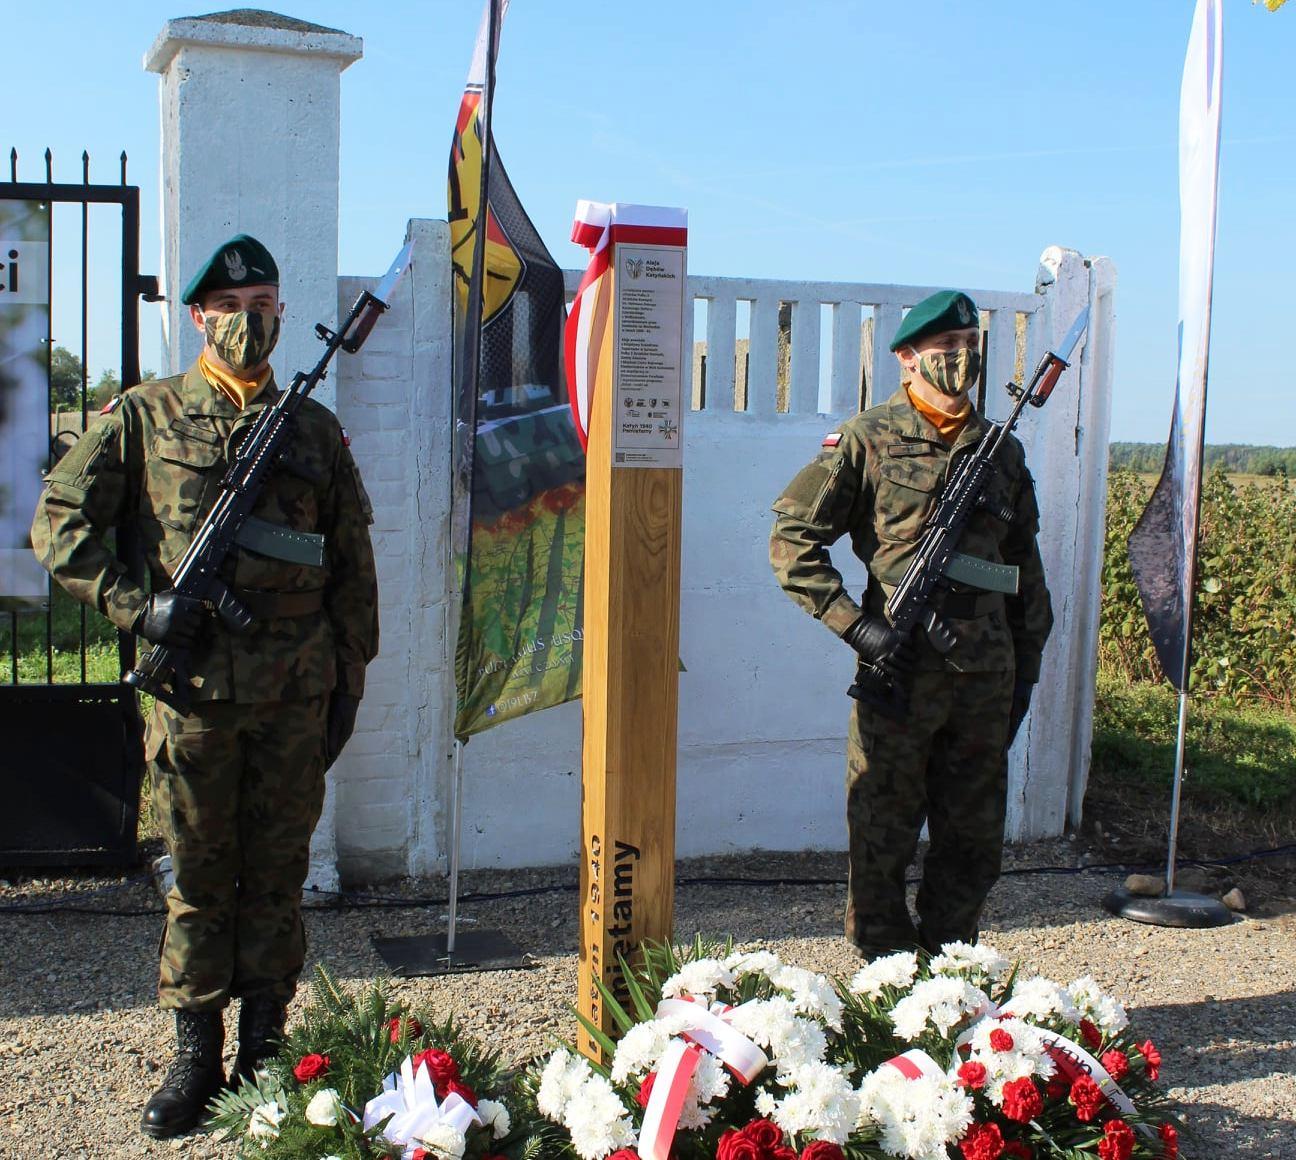 Ku czci 17 oficerów zamordowanych w Katyniu (ZDJĘCIA) - Zdjęcie główne